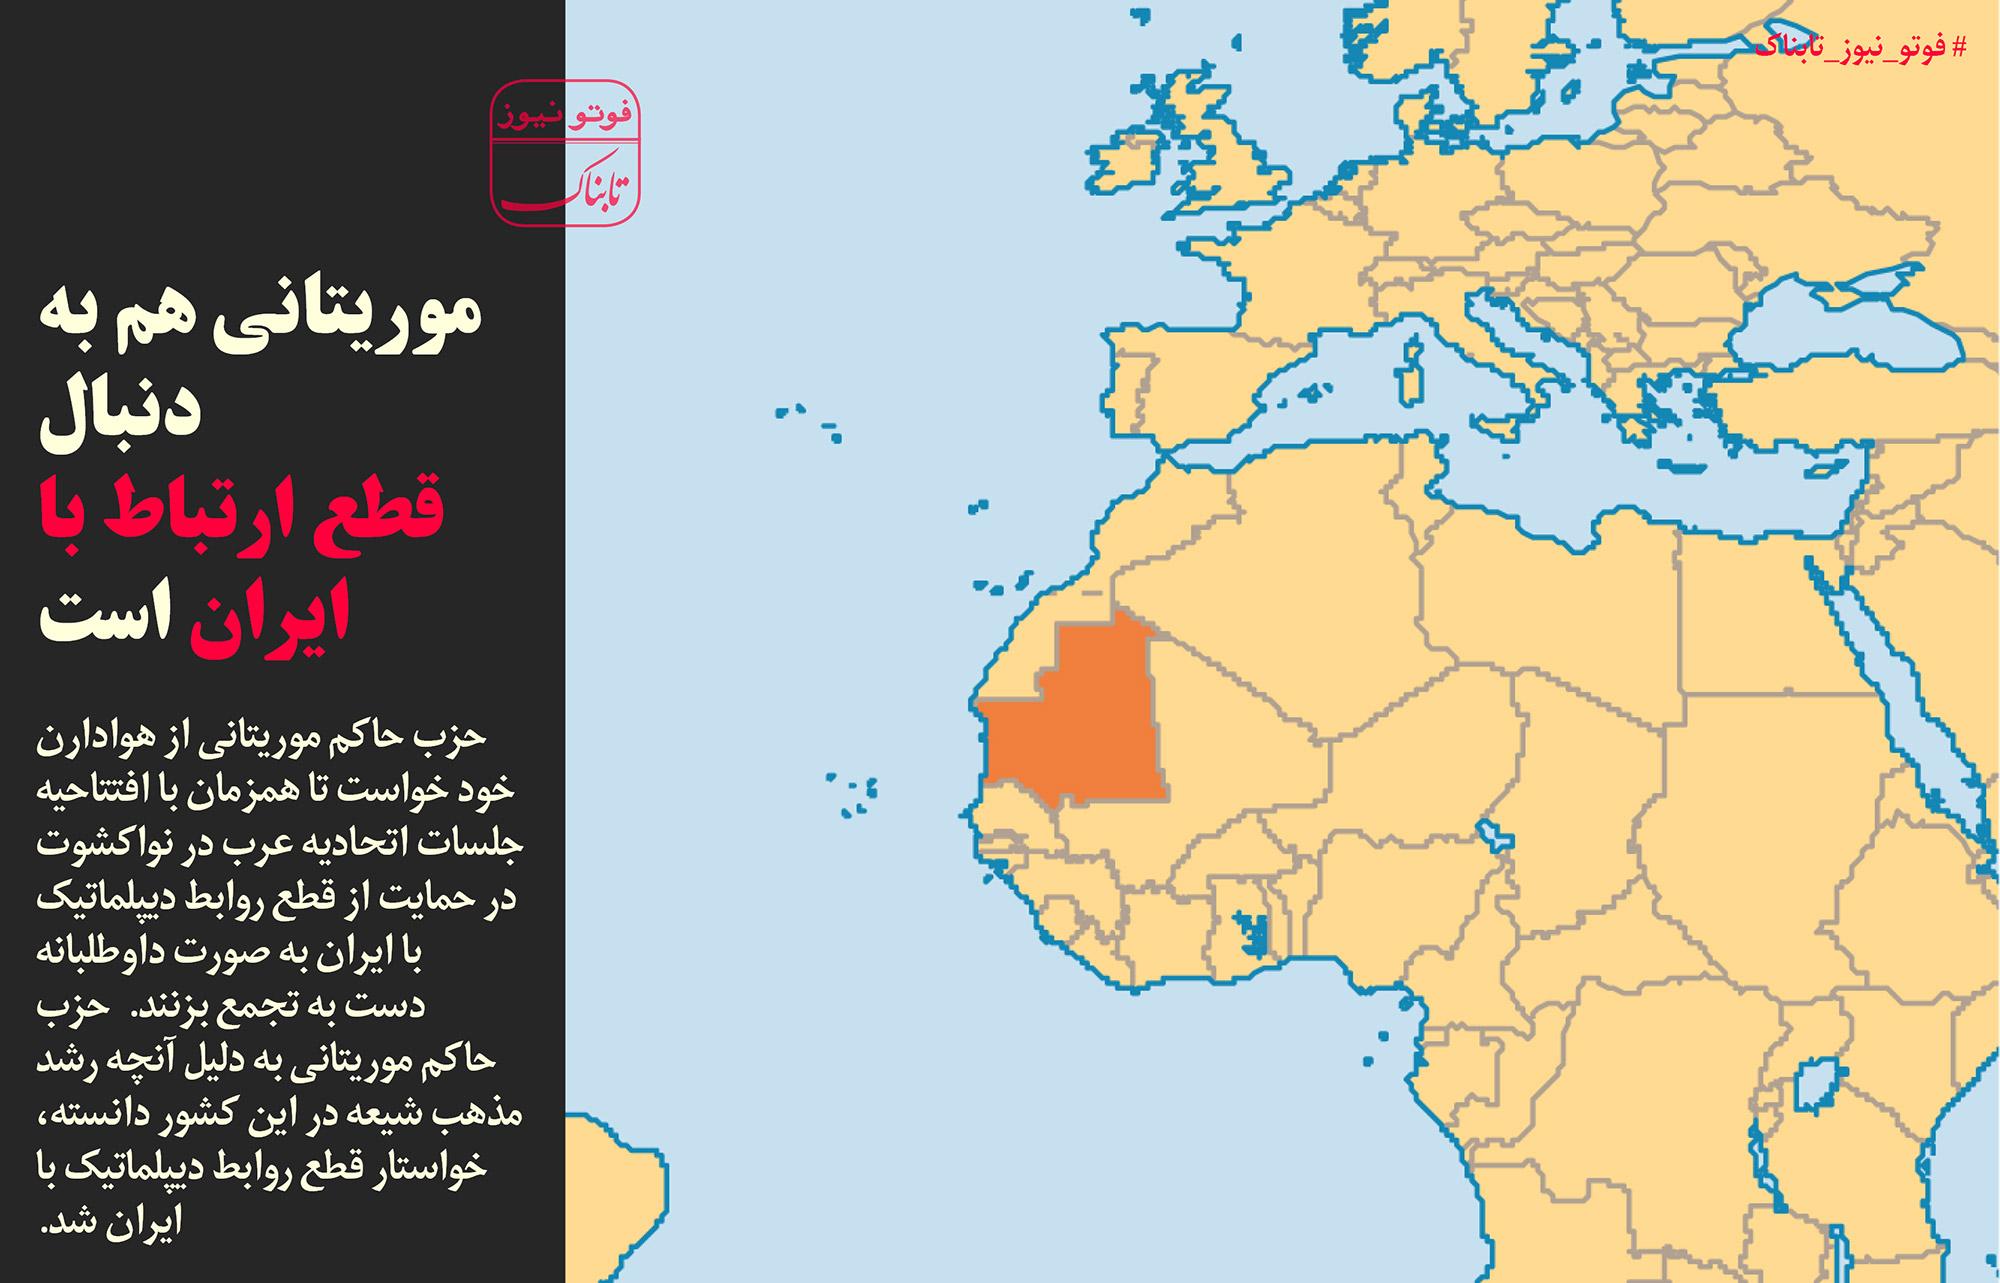 فرم ثبت نام اطلا3عات تک کارت فرهنگیان از «حقوق ملیپوشان صرف خرید موبایل شد» تا «جهلالرجال ...